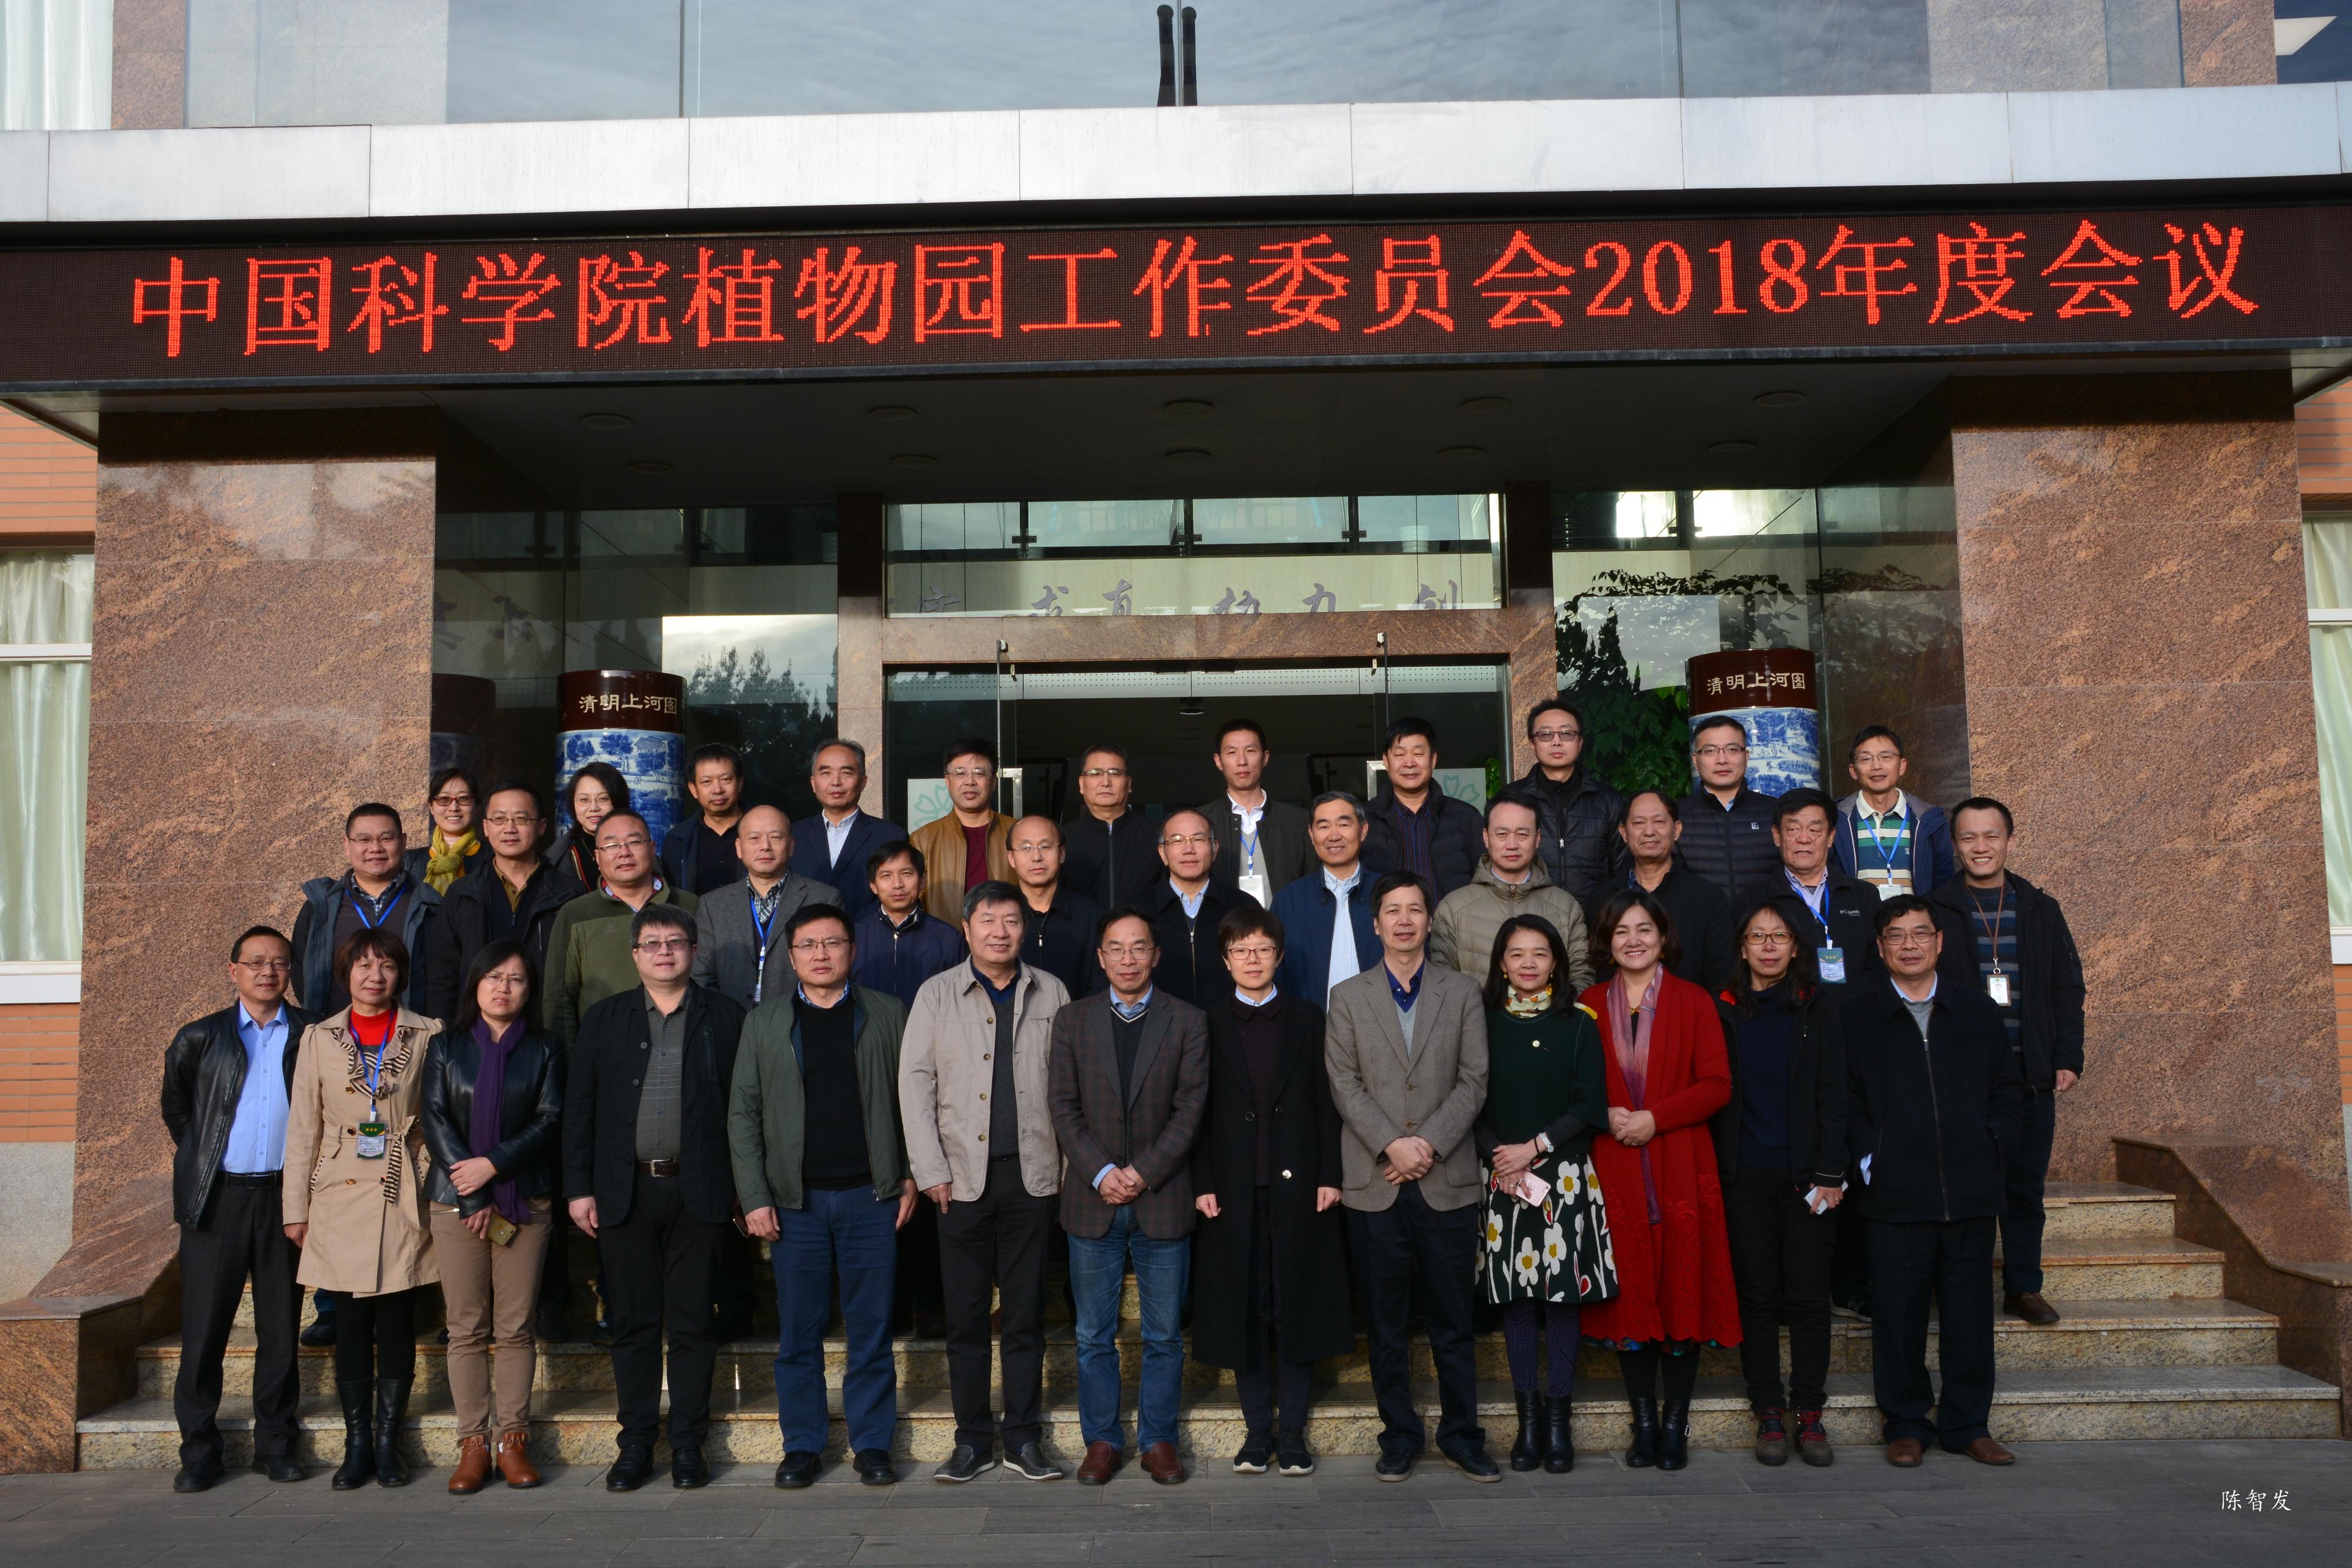 中科院植物园工委会2018年度会议暨学术论坛在昆明举办